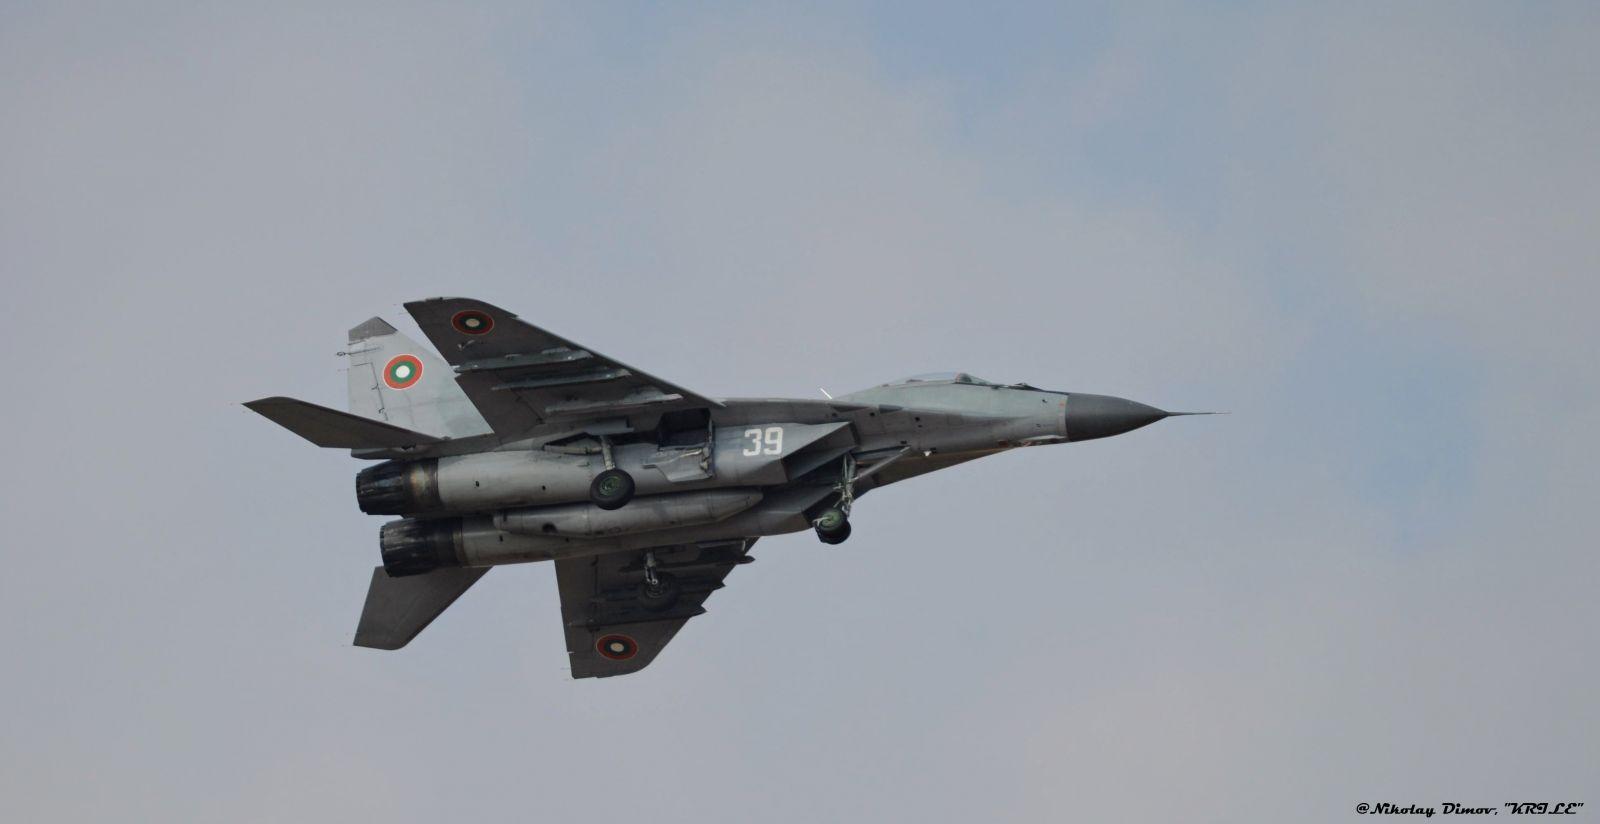 ПОЗДРАВИТЕЛНО СЛОВО НА КОМАНДИРА НА ВВС ГЕНЕРАЛ ЦАНКО СТОЙКОВ ПО СЛУЧАЙ 107 ГОДИНИ БЪЛГАРСКИ ВВС!